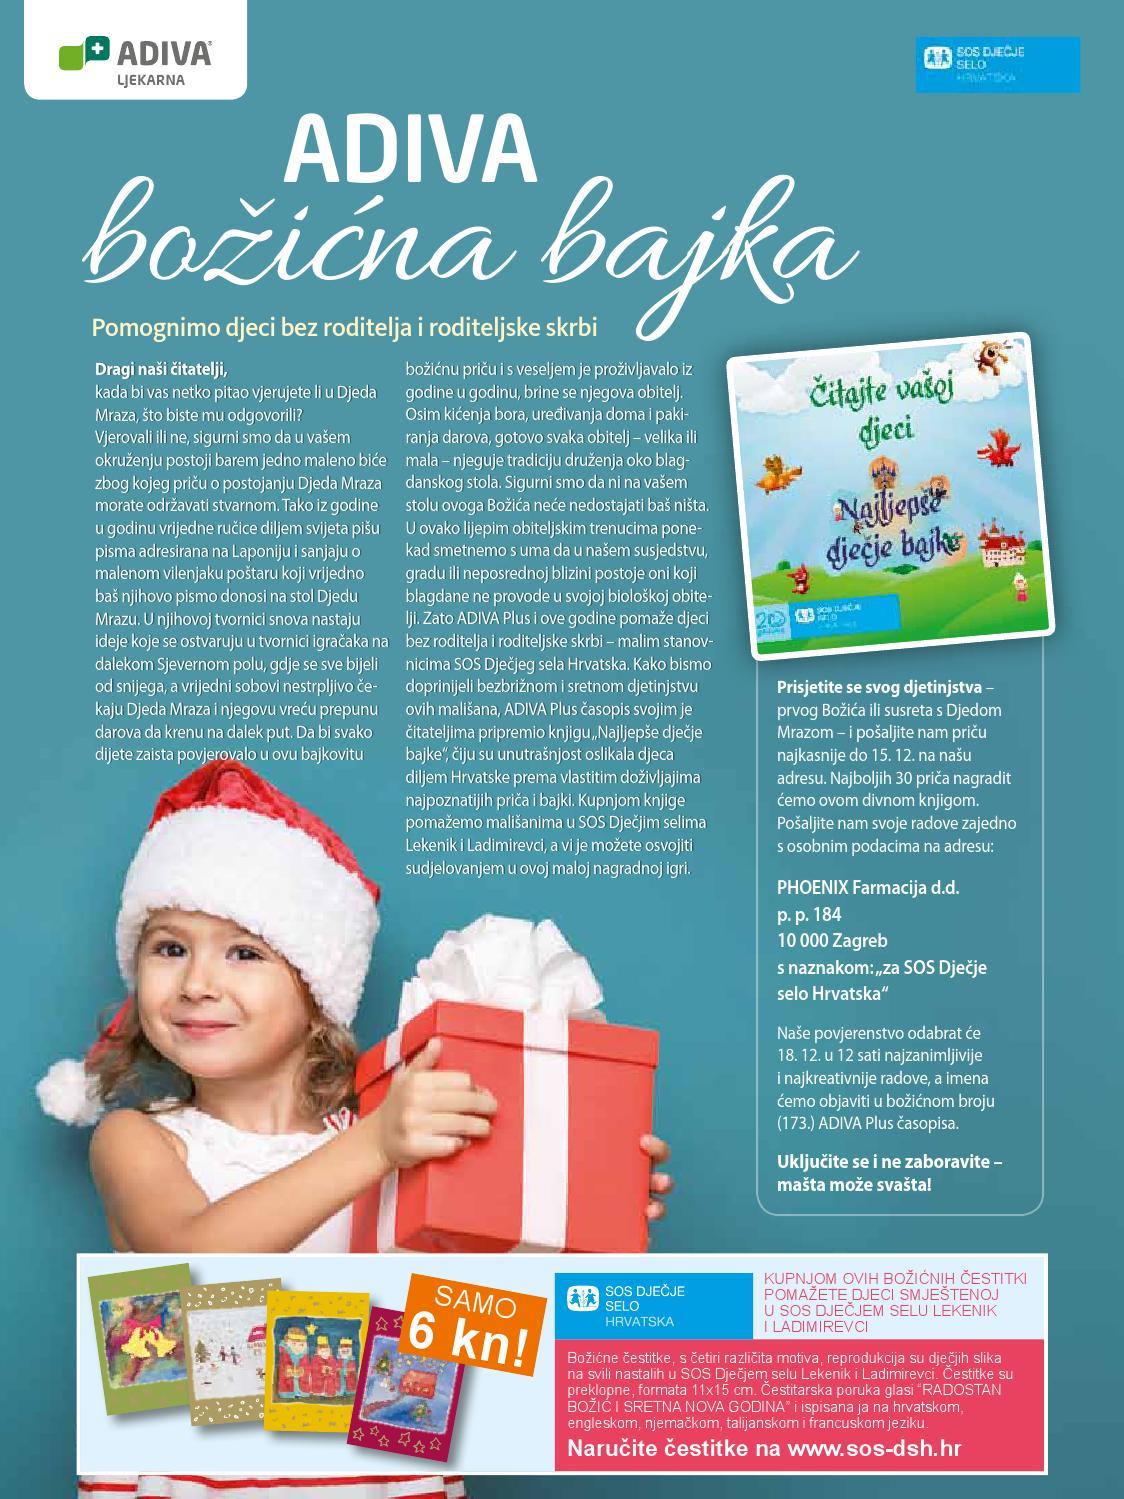 božićne čestitke sos dječje selo ADIVA Plus br. 172 by ADIVA Plus zdravstveni dvotjednik   issuu božićne čestitke sos dječje selo